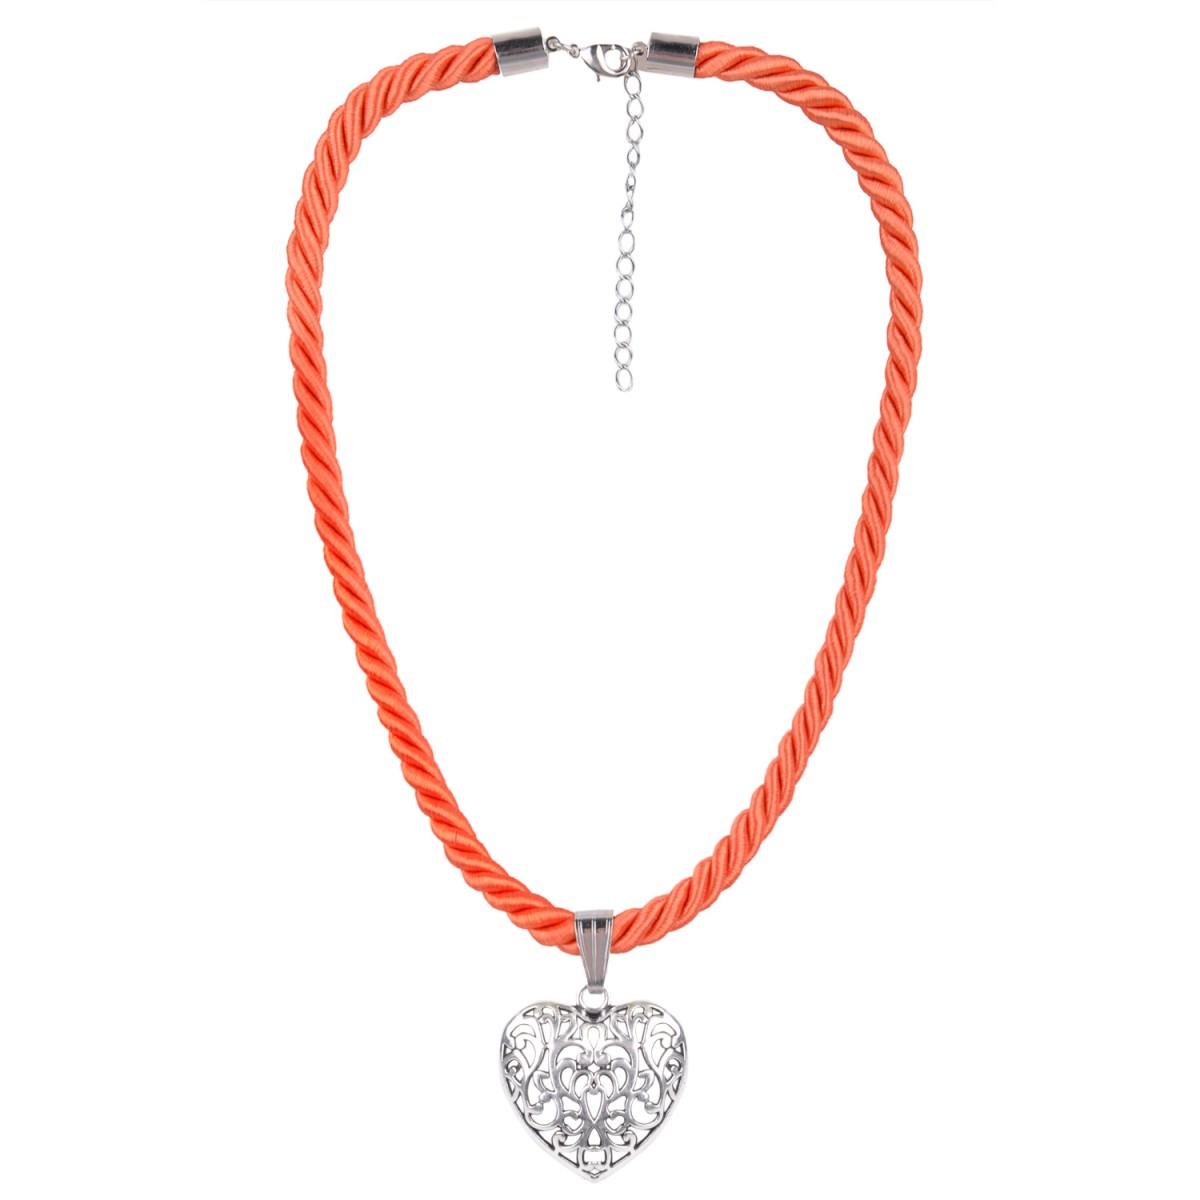 Kordelkette in Orange mit Herzanhänger von Schlick Accessoires günstig online kaufen